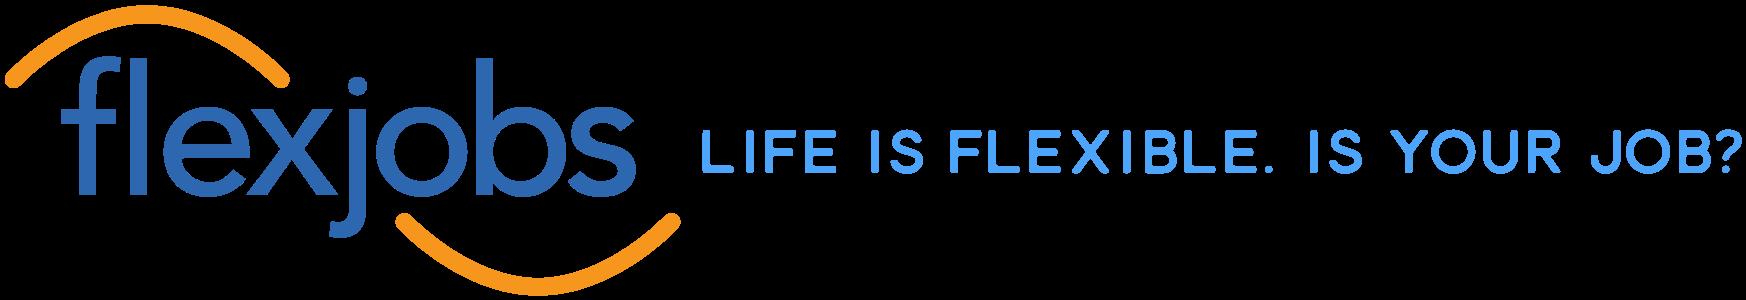 2016 FJ logo long large